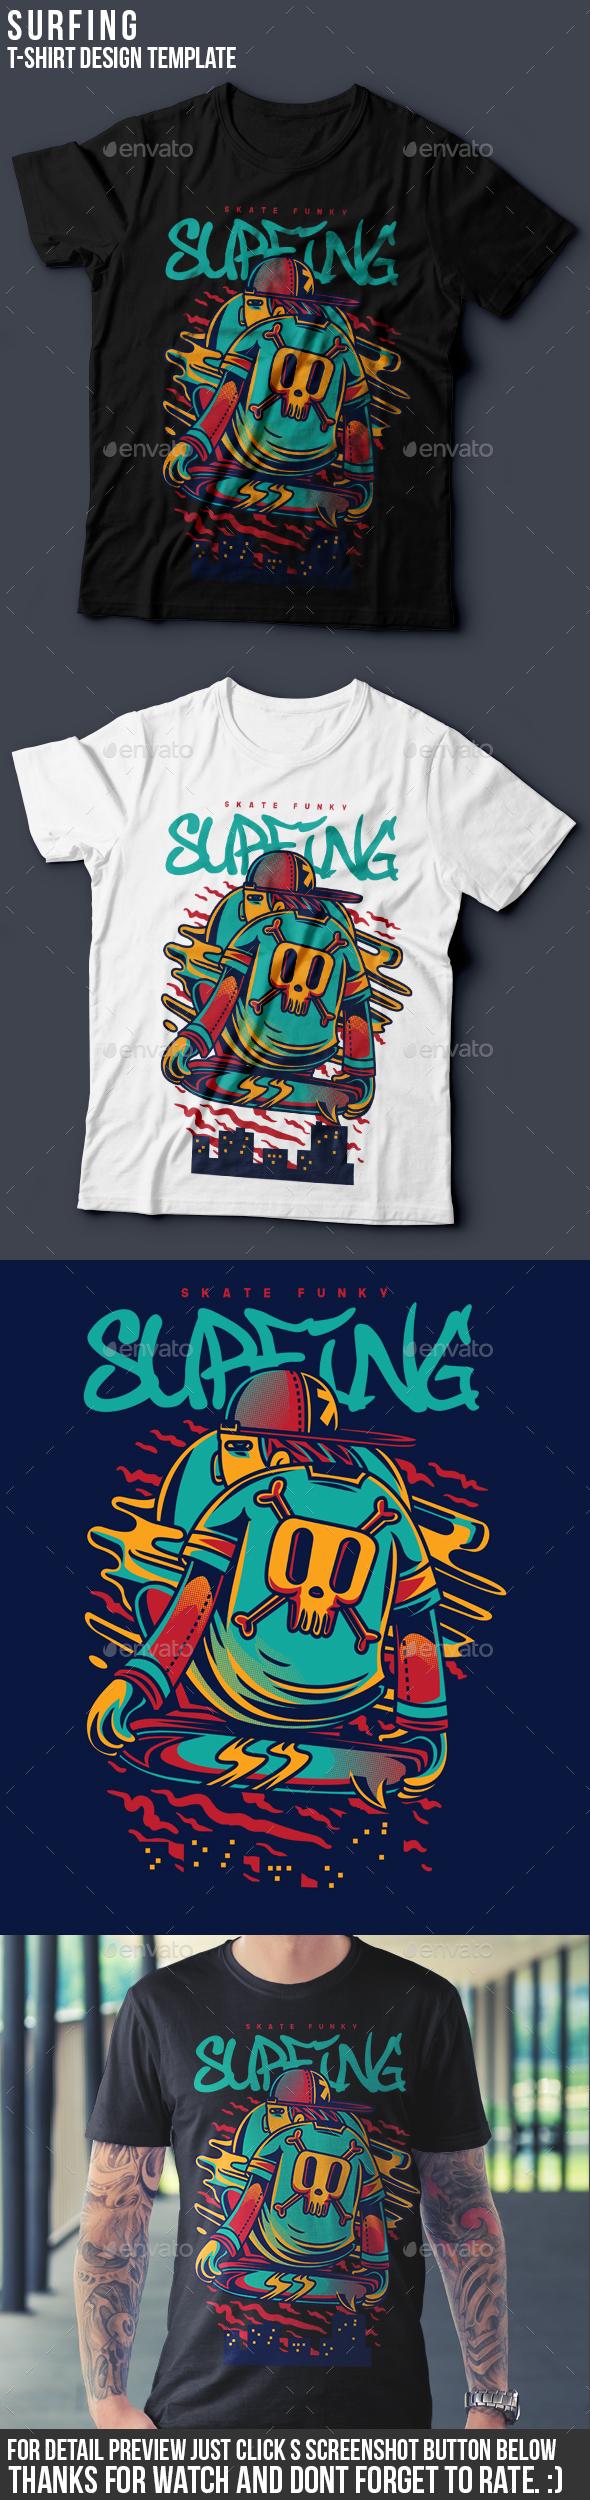 Surfing T-Shirt Design - Clean Designs